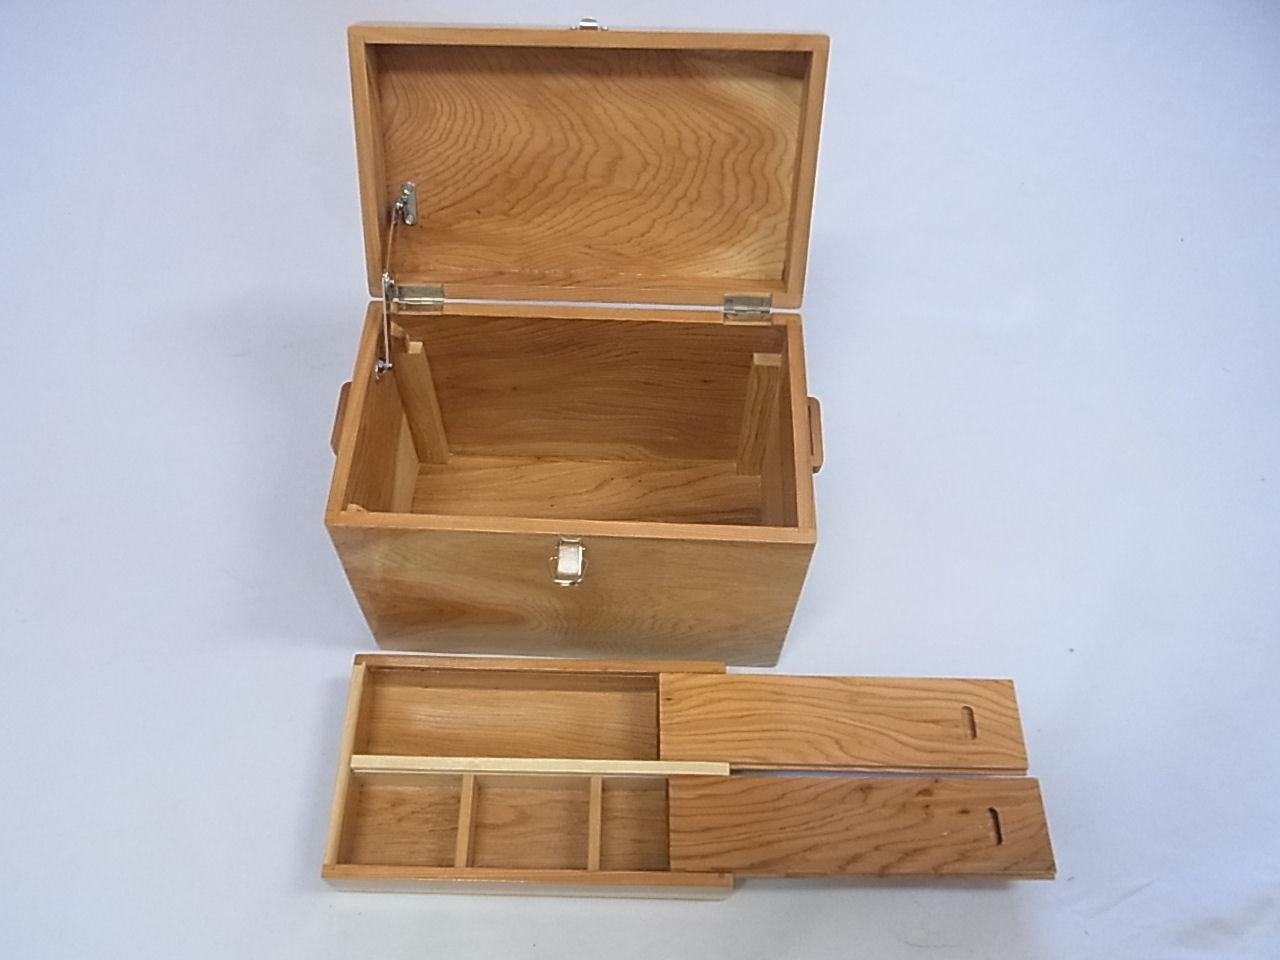 画像3: 感謝価格 35%引き! 国産杉材使用 合切箱 鏡面仕上げ なかごスライド開閉  ベルト付き